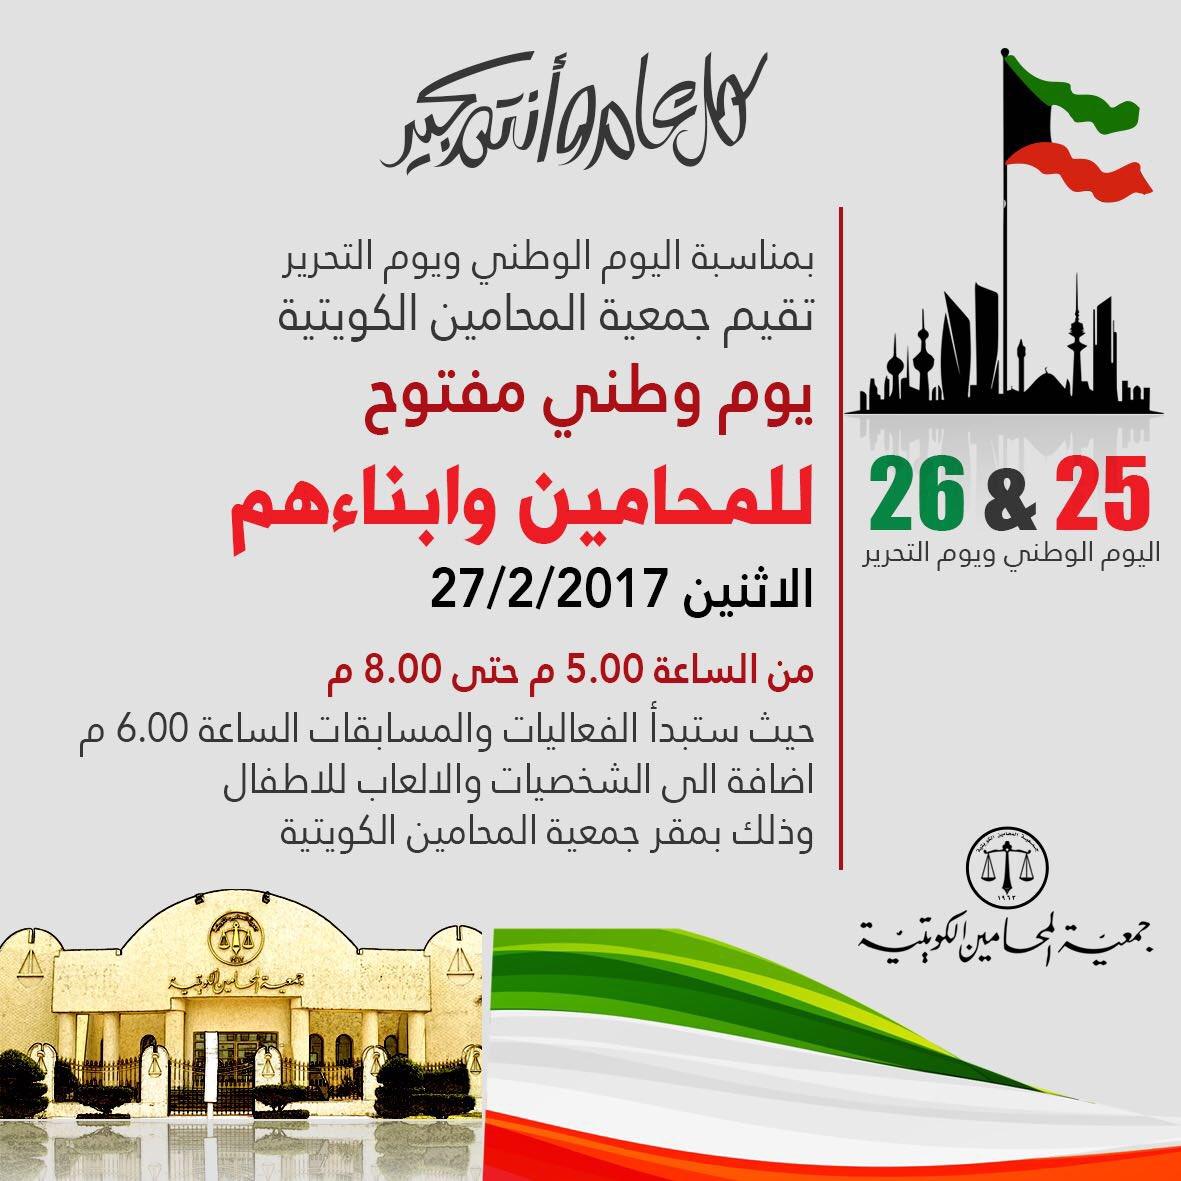 #جمعية_المحامين_الكويتية  #اللجنة_الإجتماعيةpic.twitter.com/7Zmvtozep5